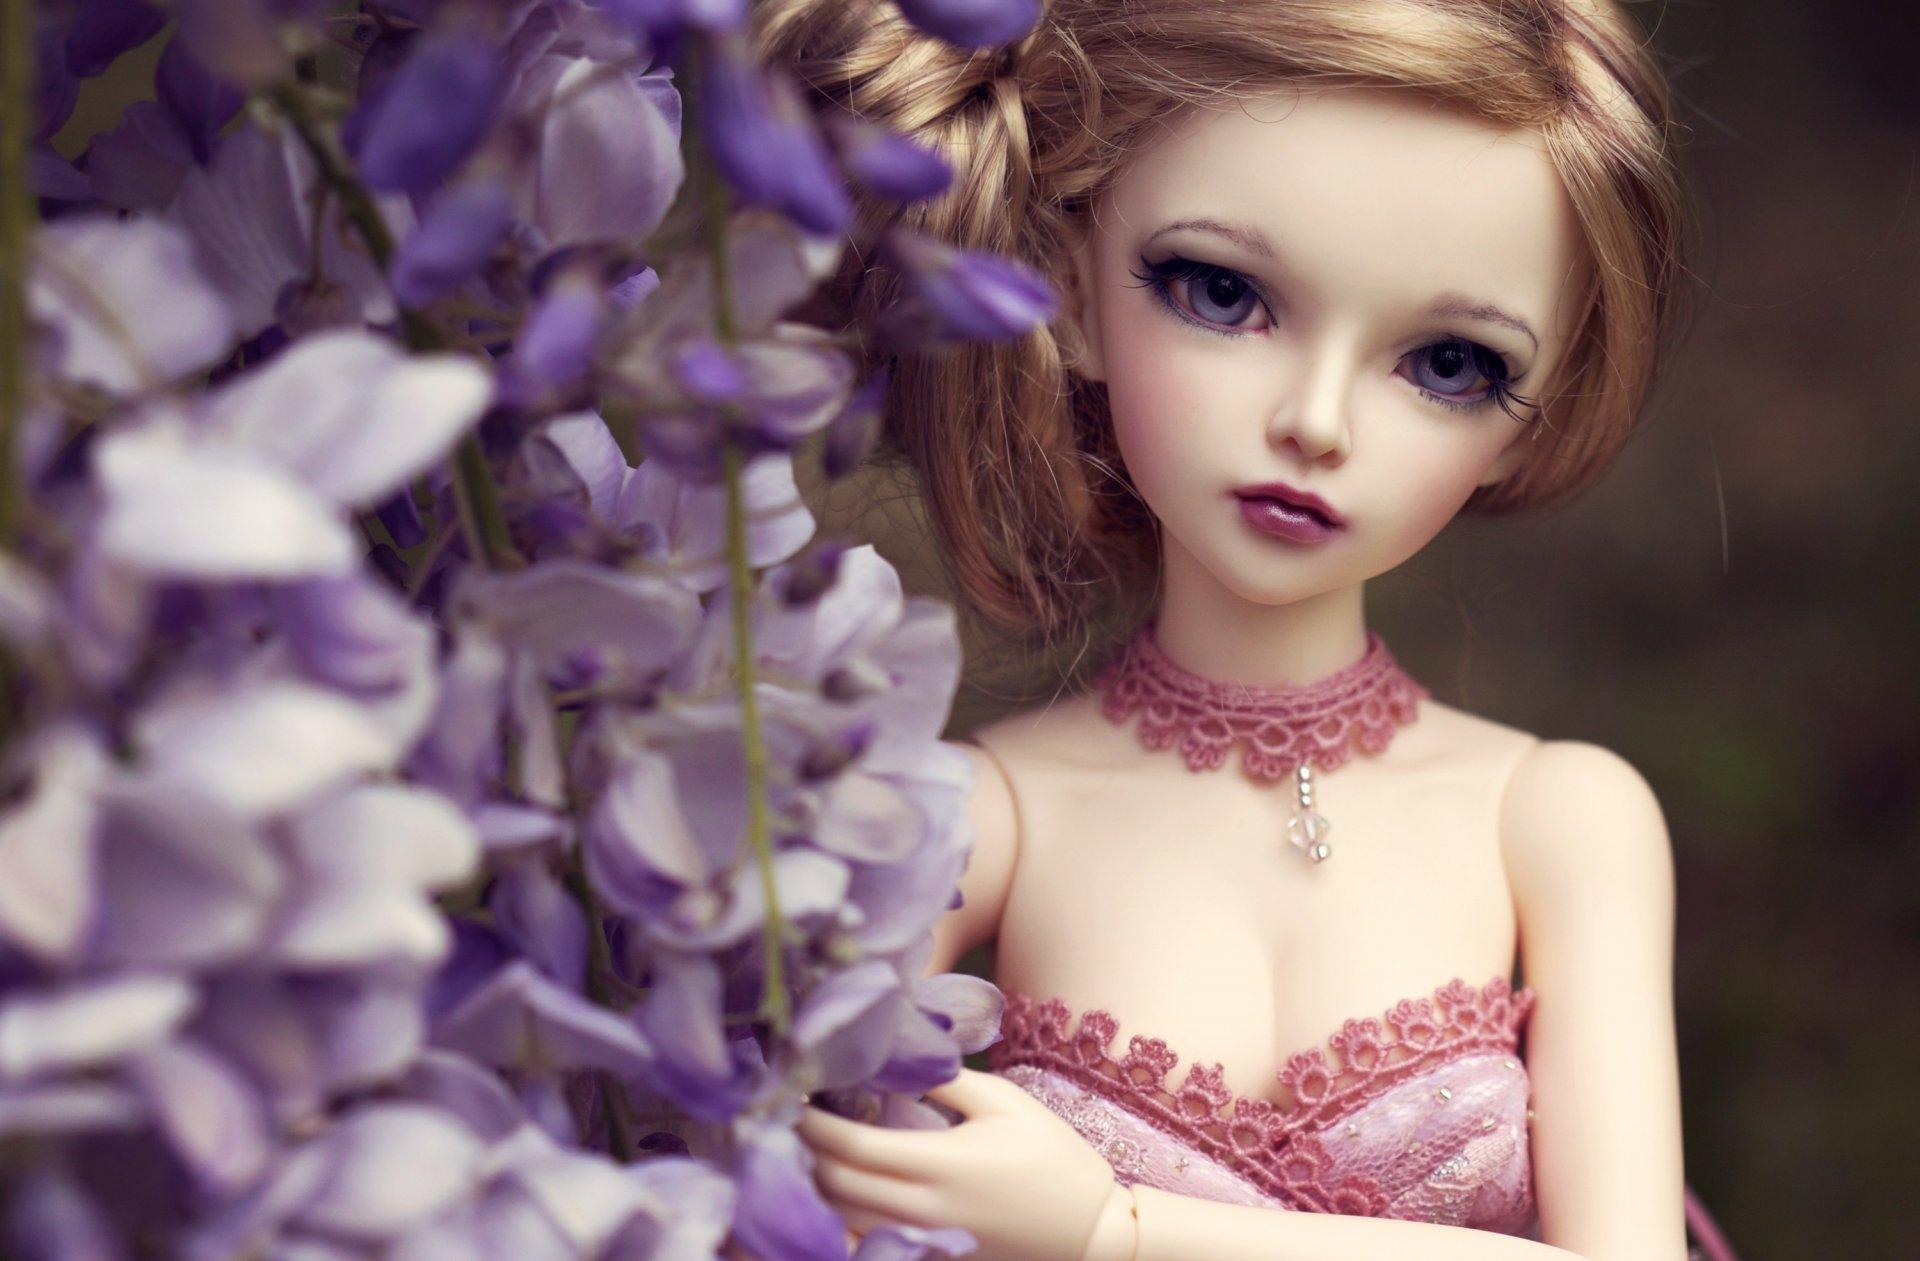 Картинки самых красивых обоев для девочек